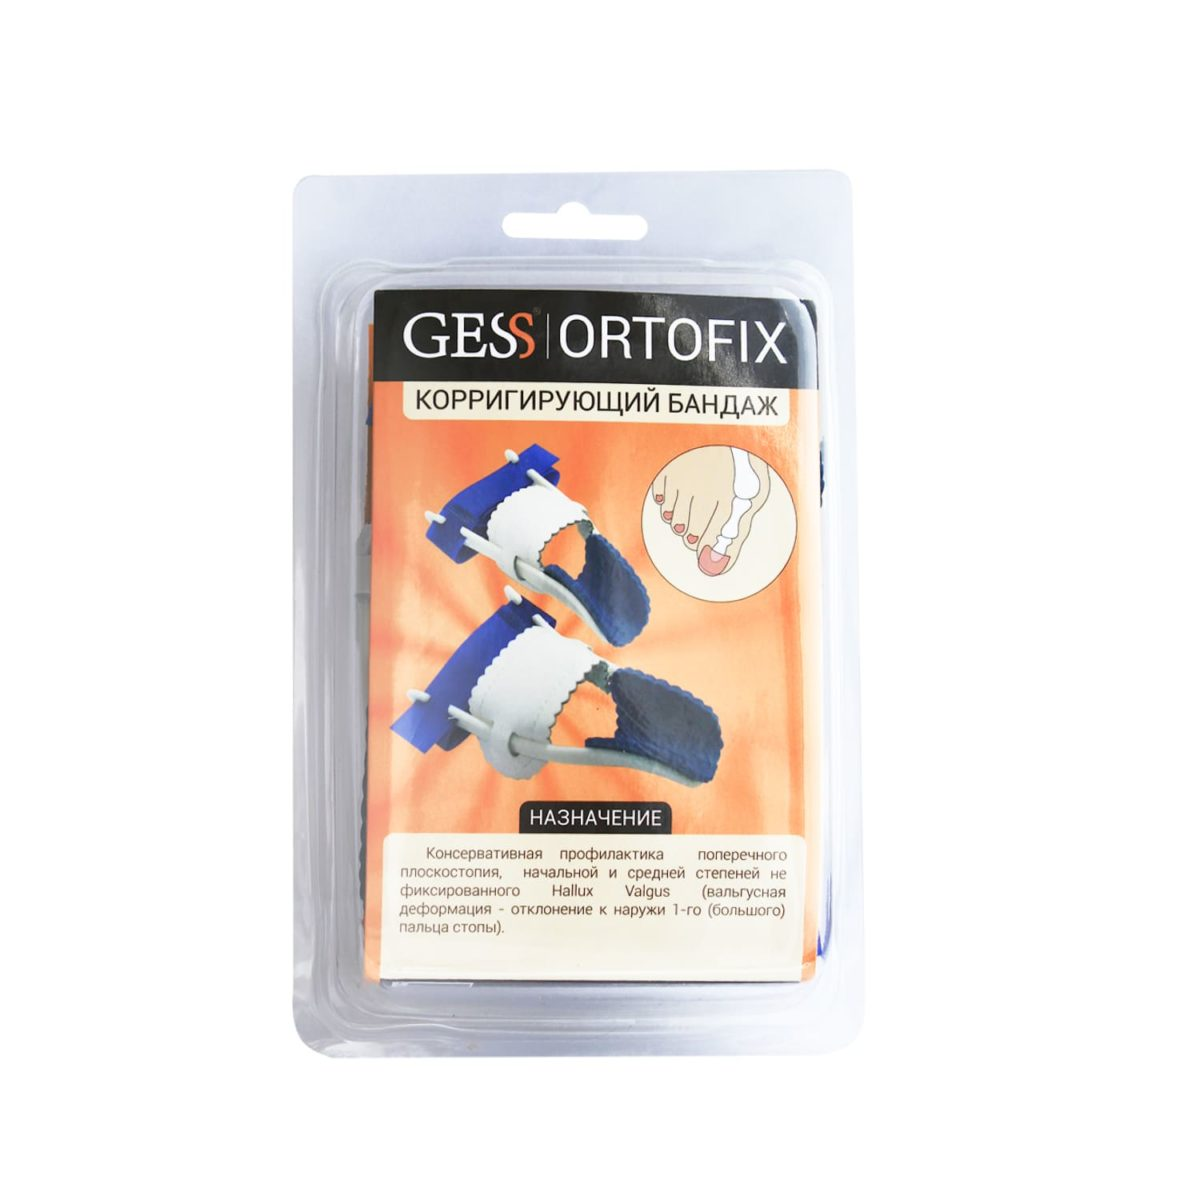 Ortofix 8